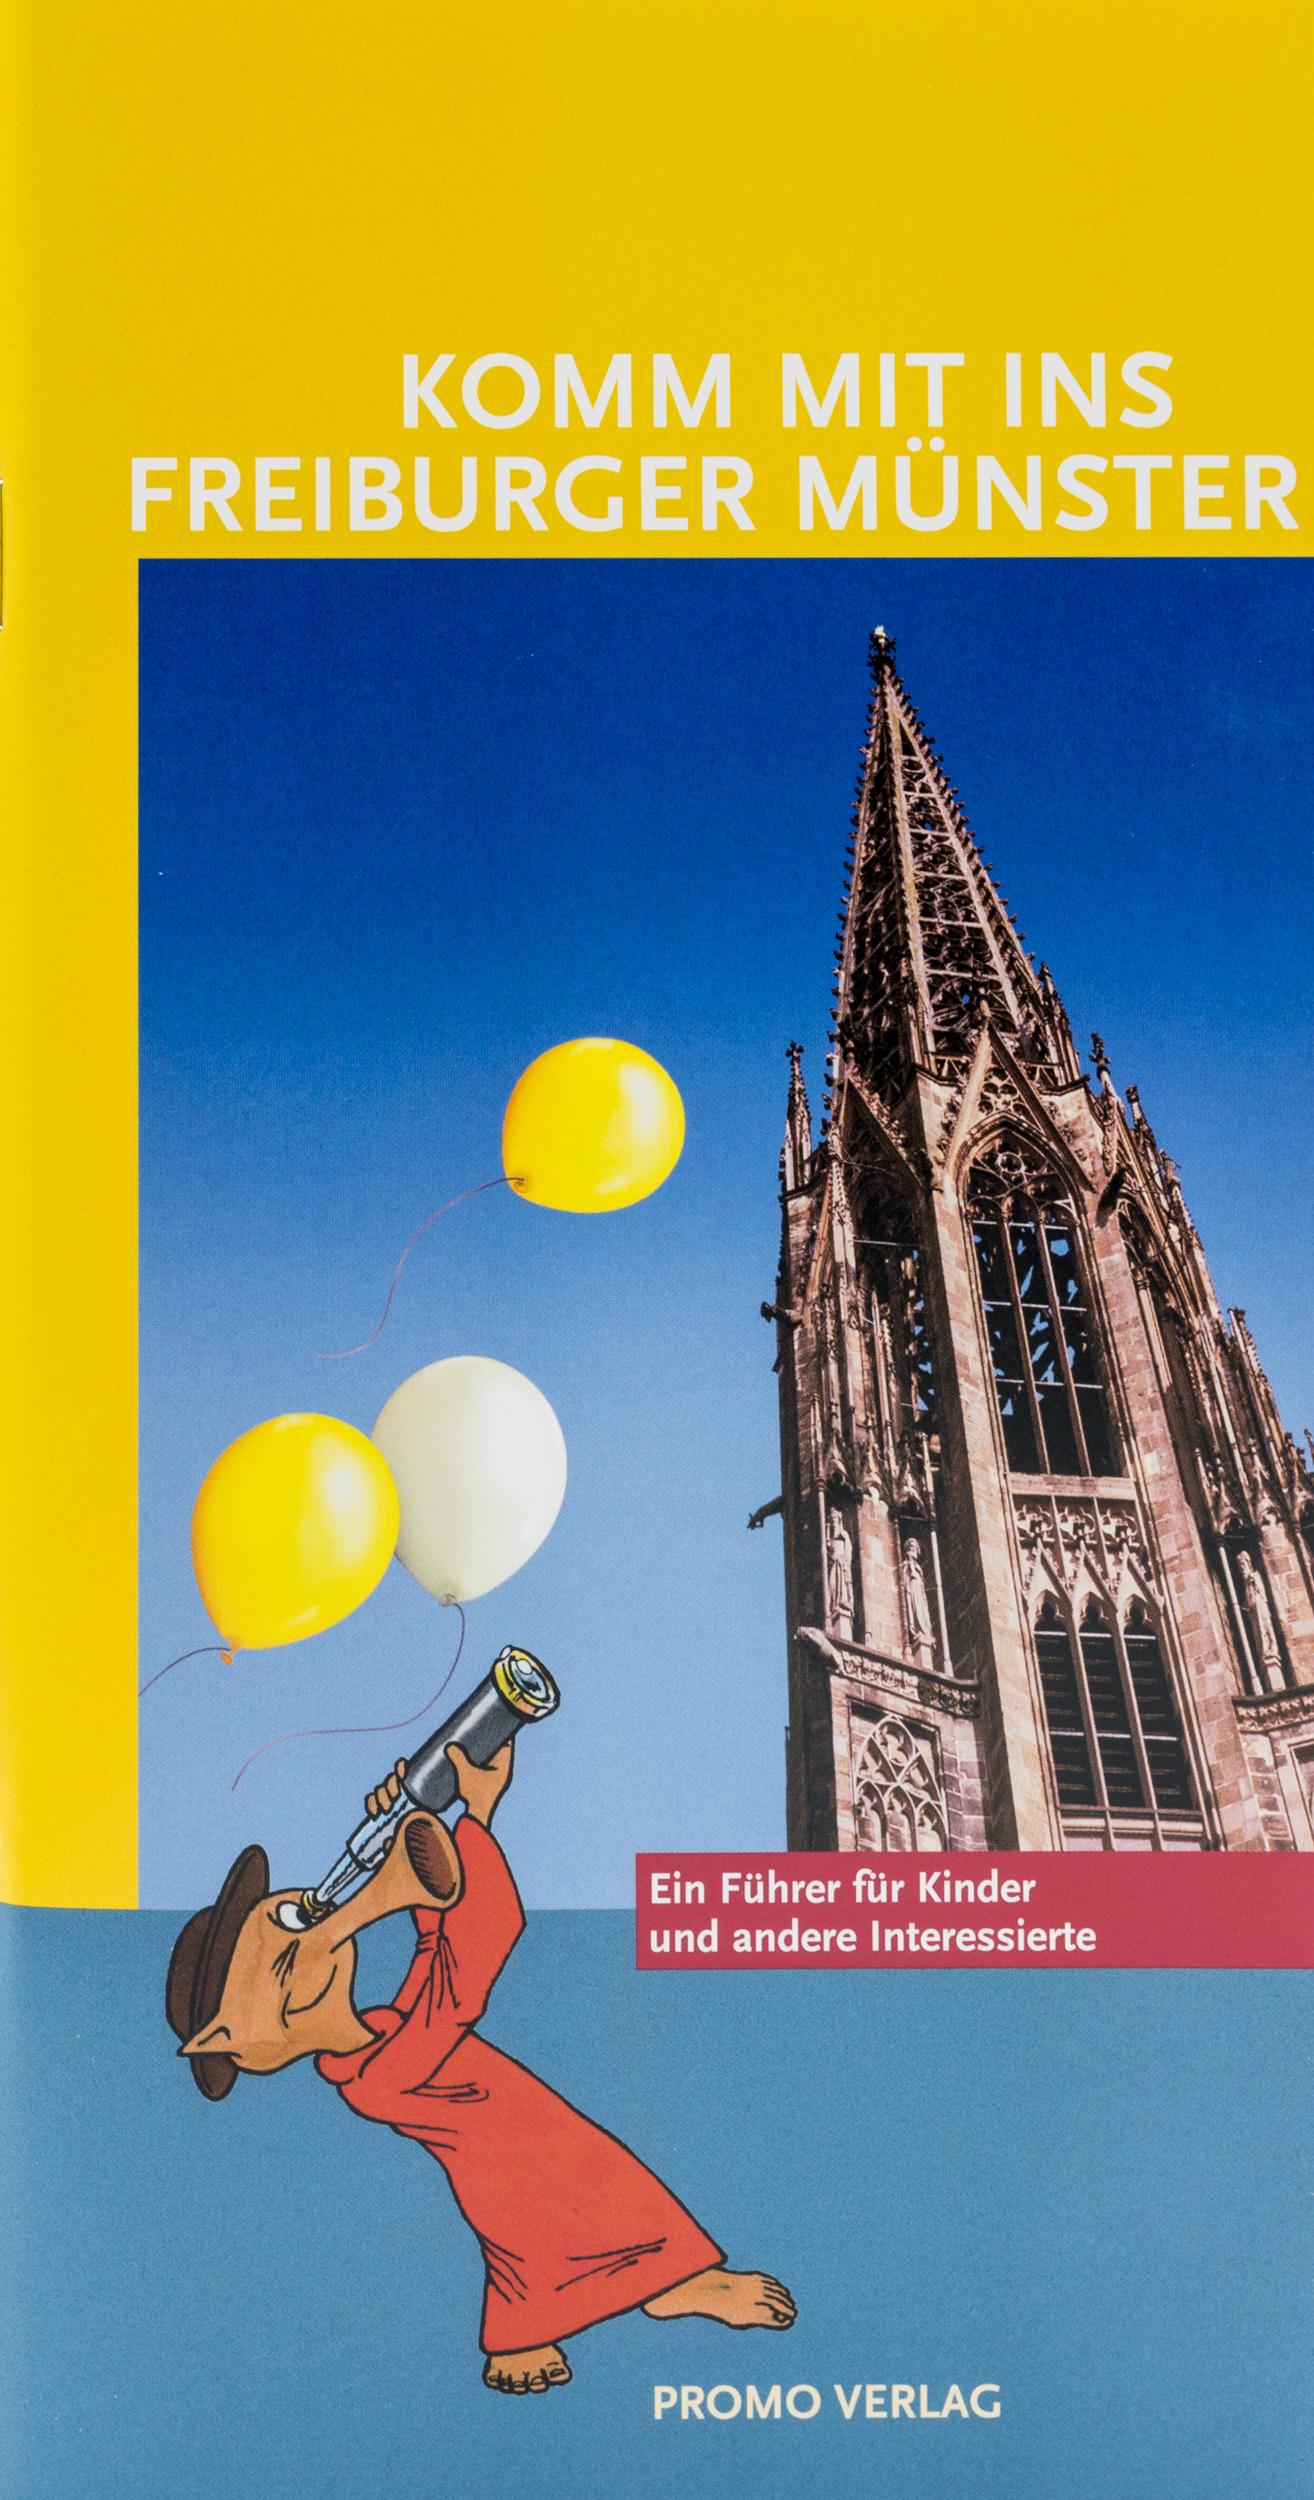 105-Muenster-Laden-Freiburg-Buch-Geschenk-Kinder-Komm-ins-Freiburger-Muenster